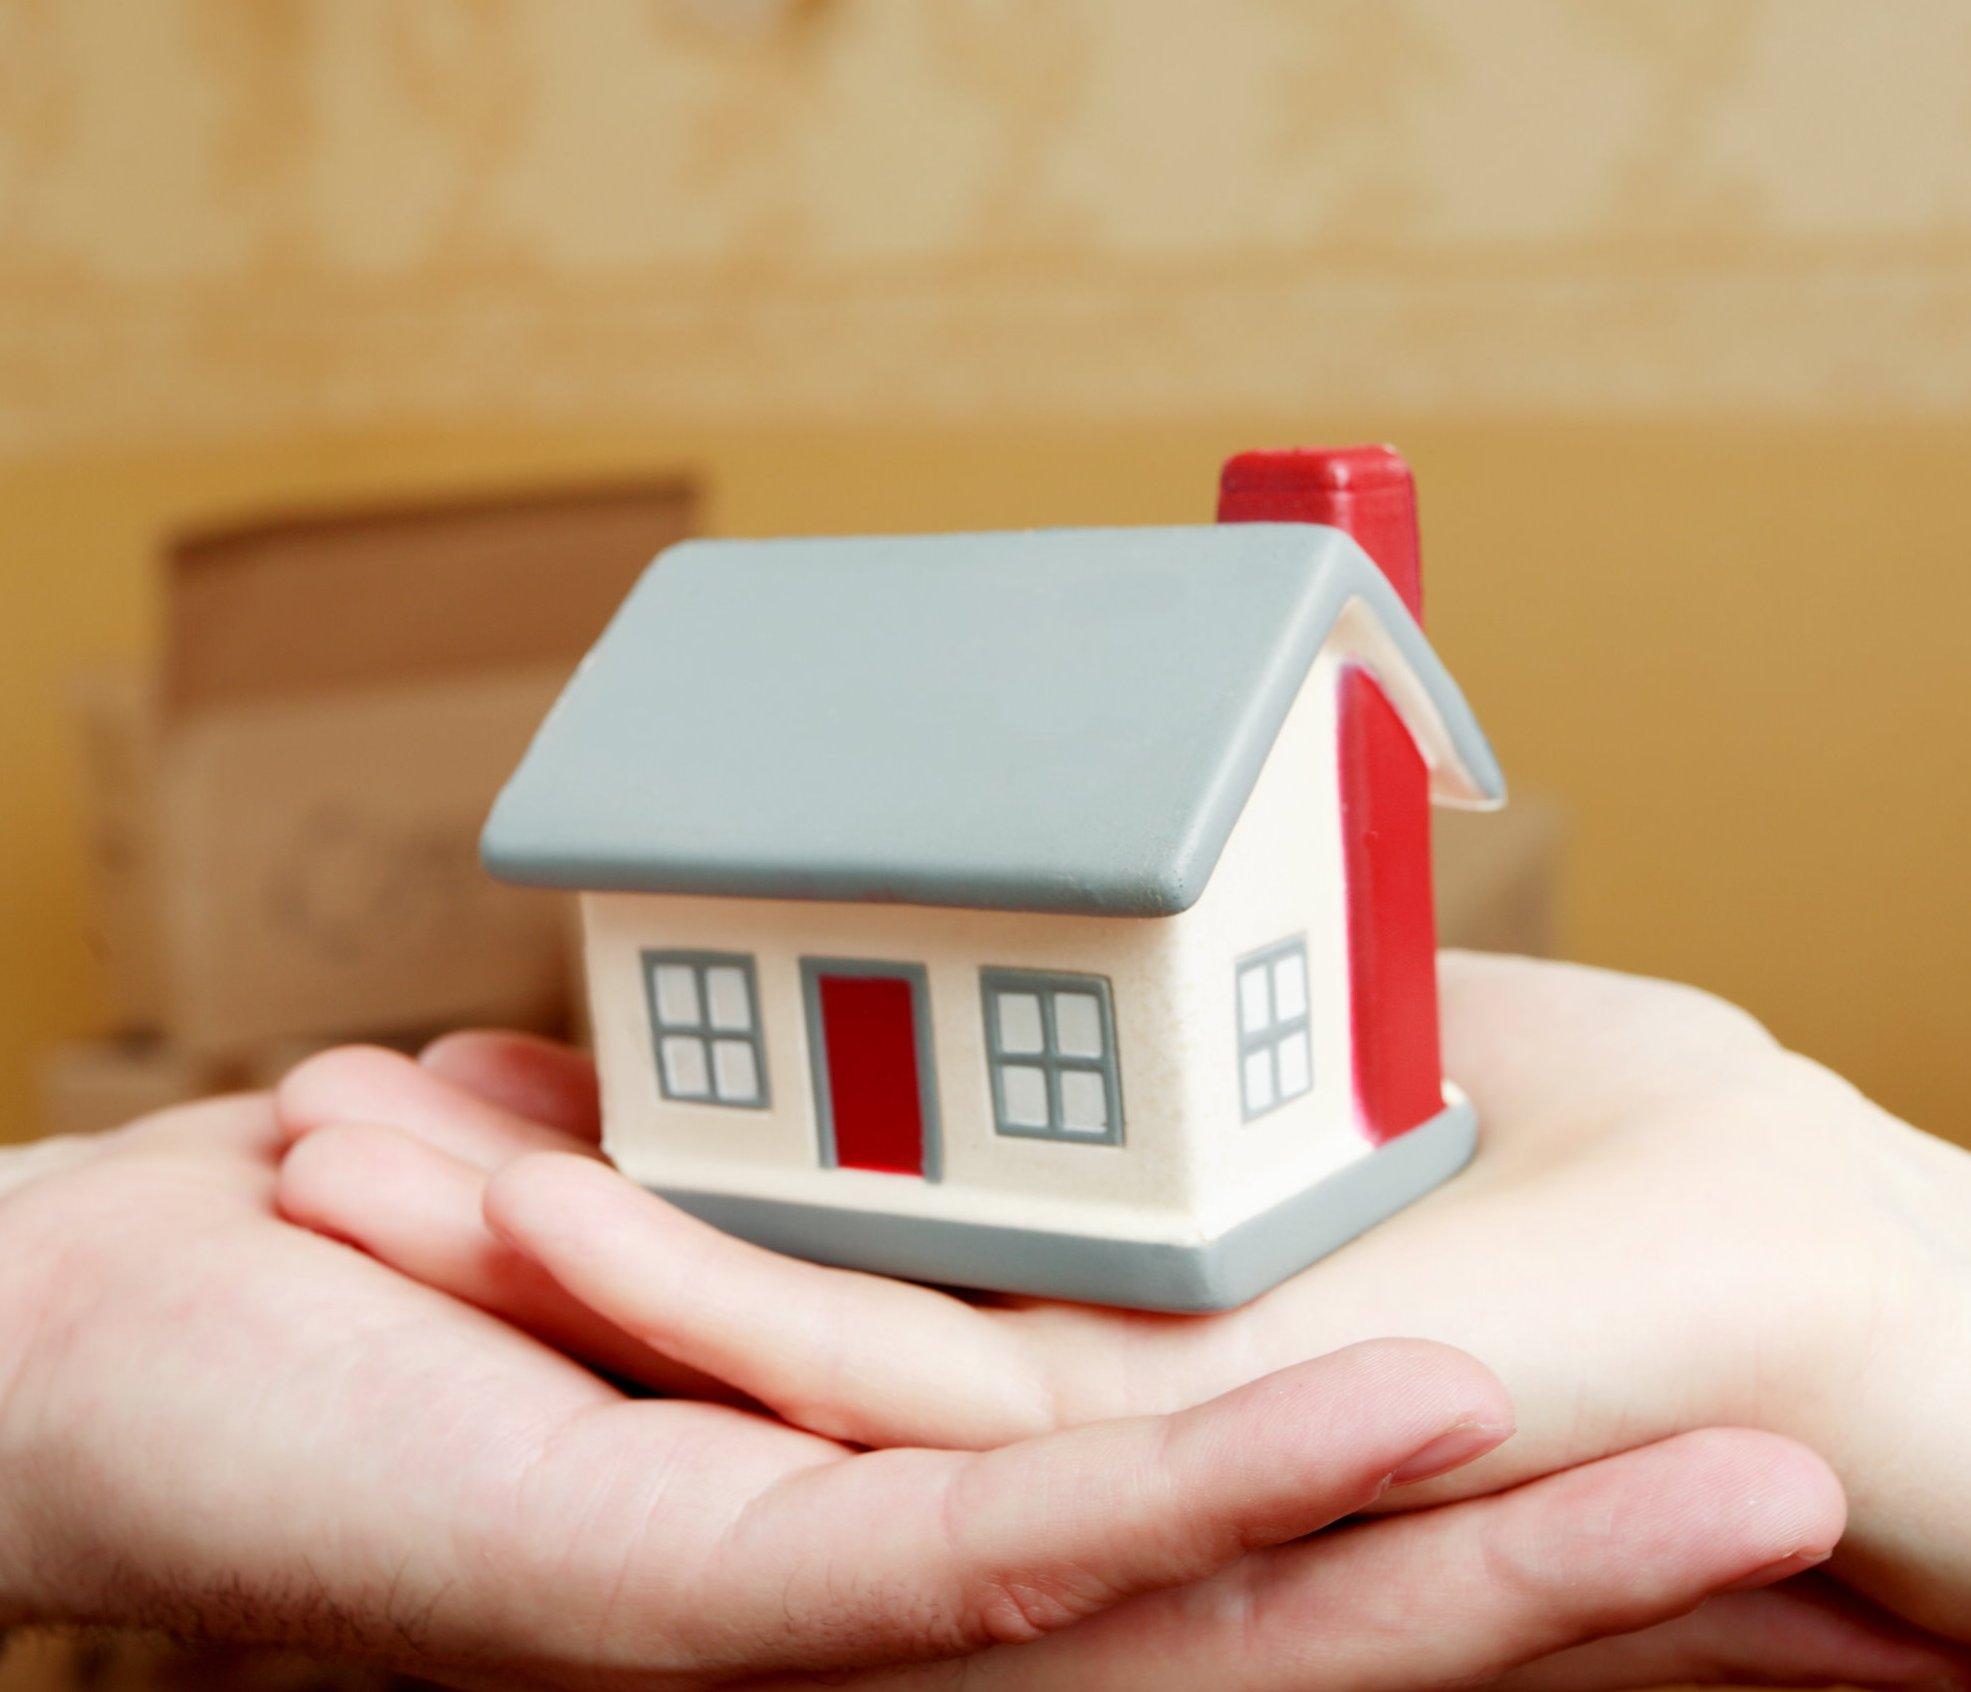 Achat immobilier : Mes recommandations pour collaborer avec une agence immobilière pour votre achat